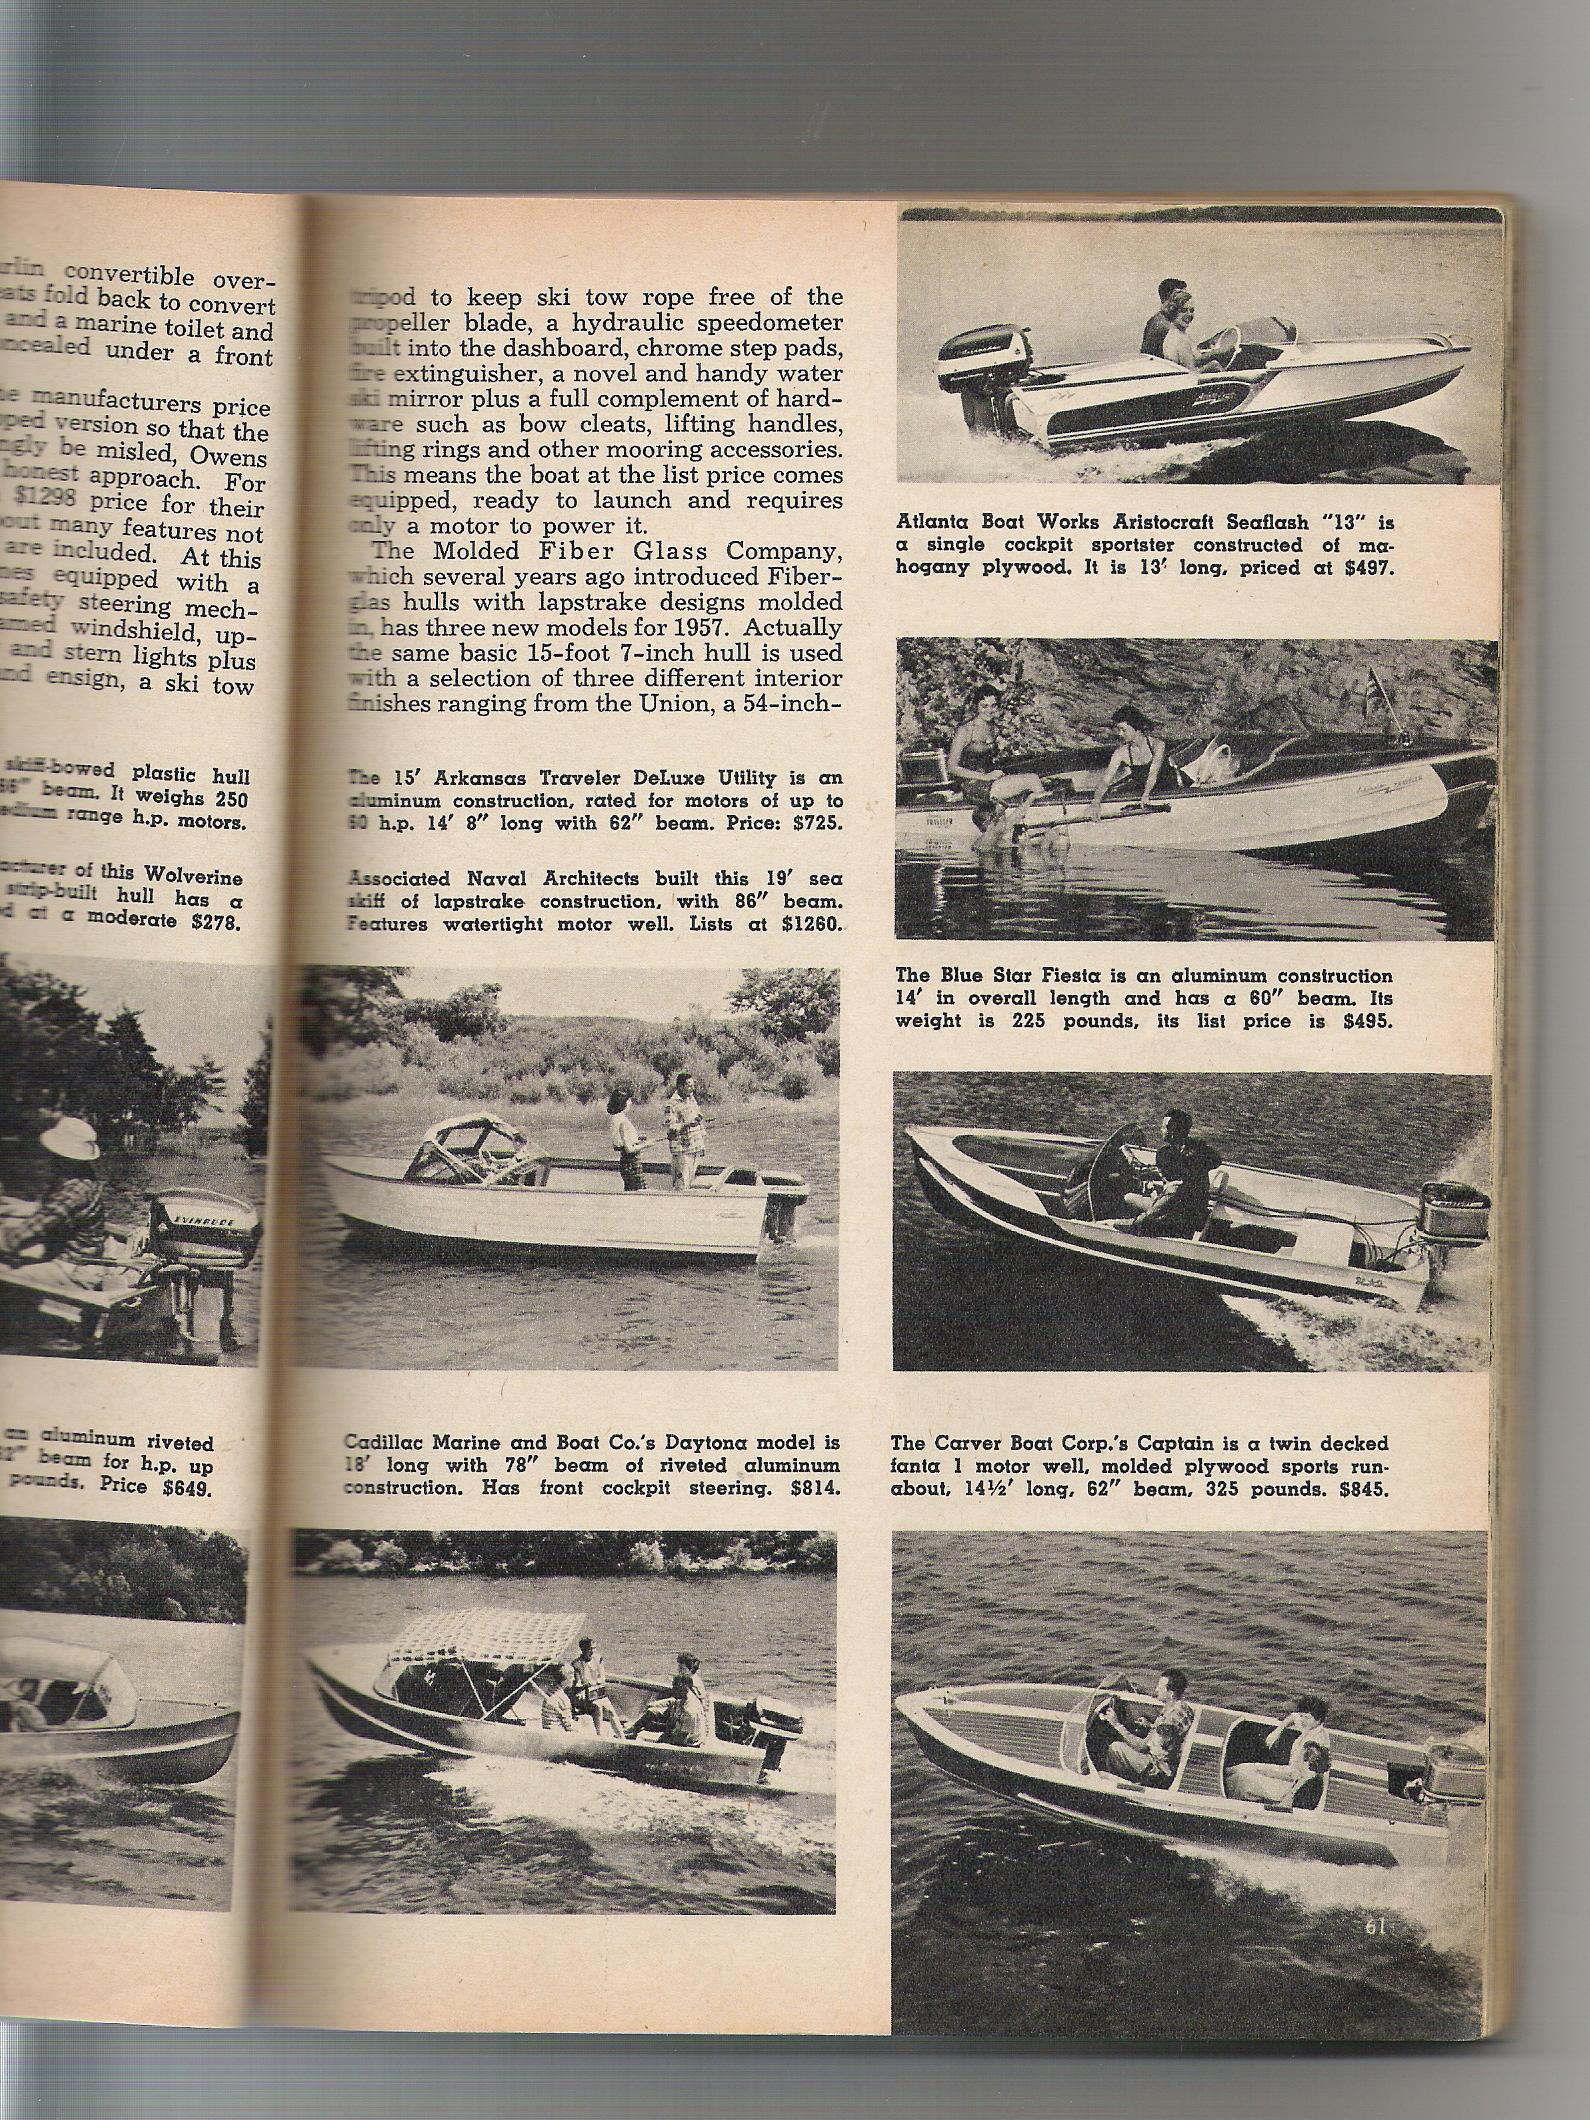 Cadillac Boat Company History